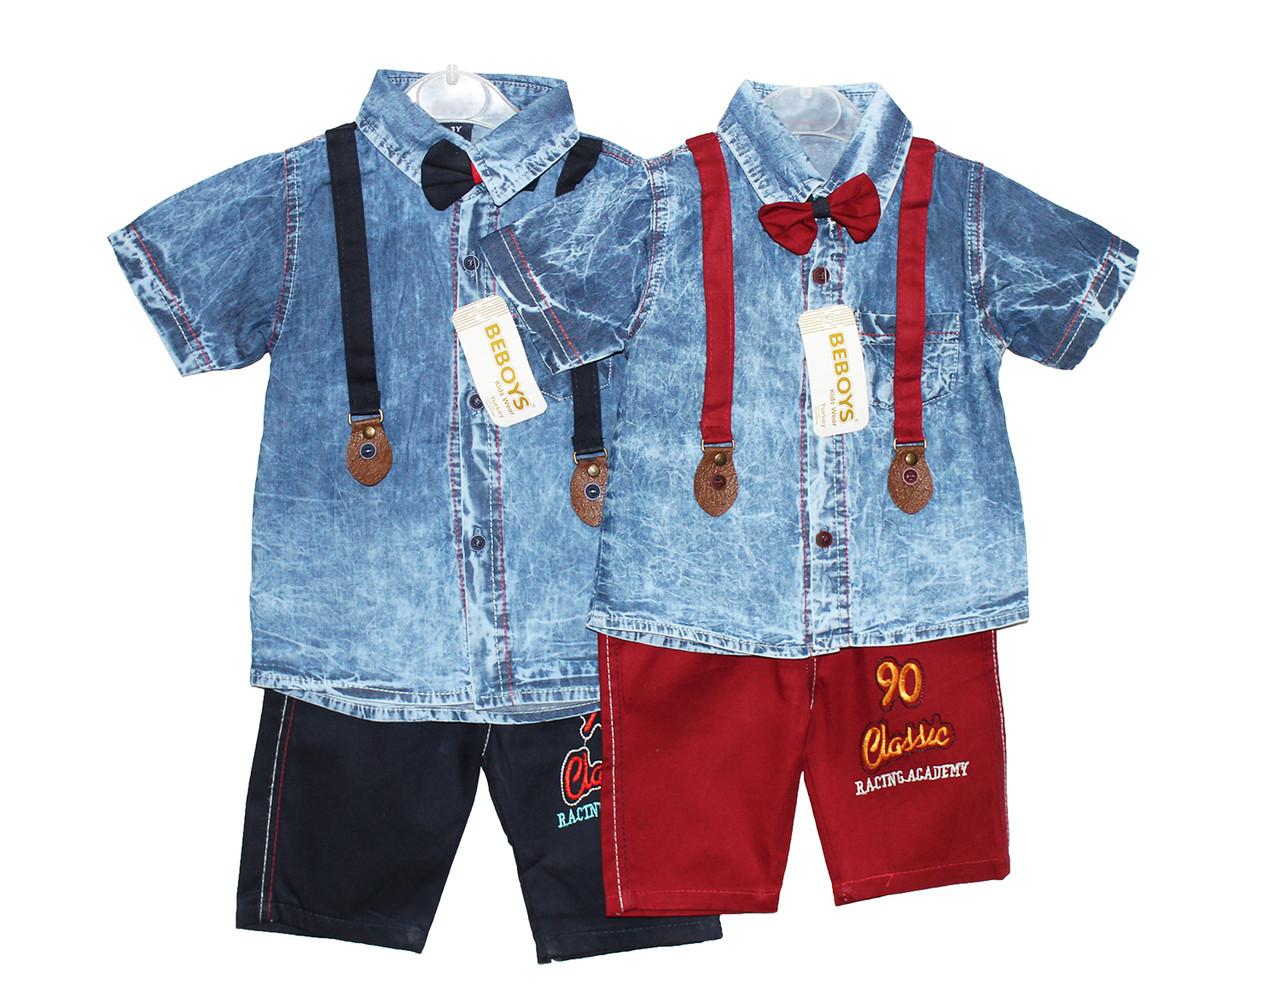 Дитячі костюми для хлопчика на літо Be boys 302